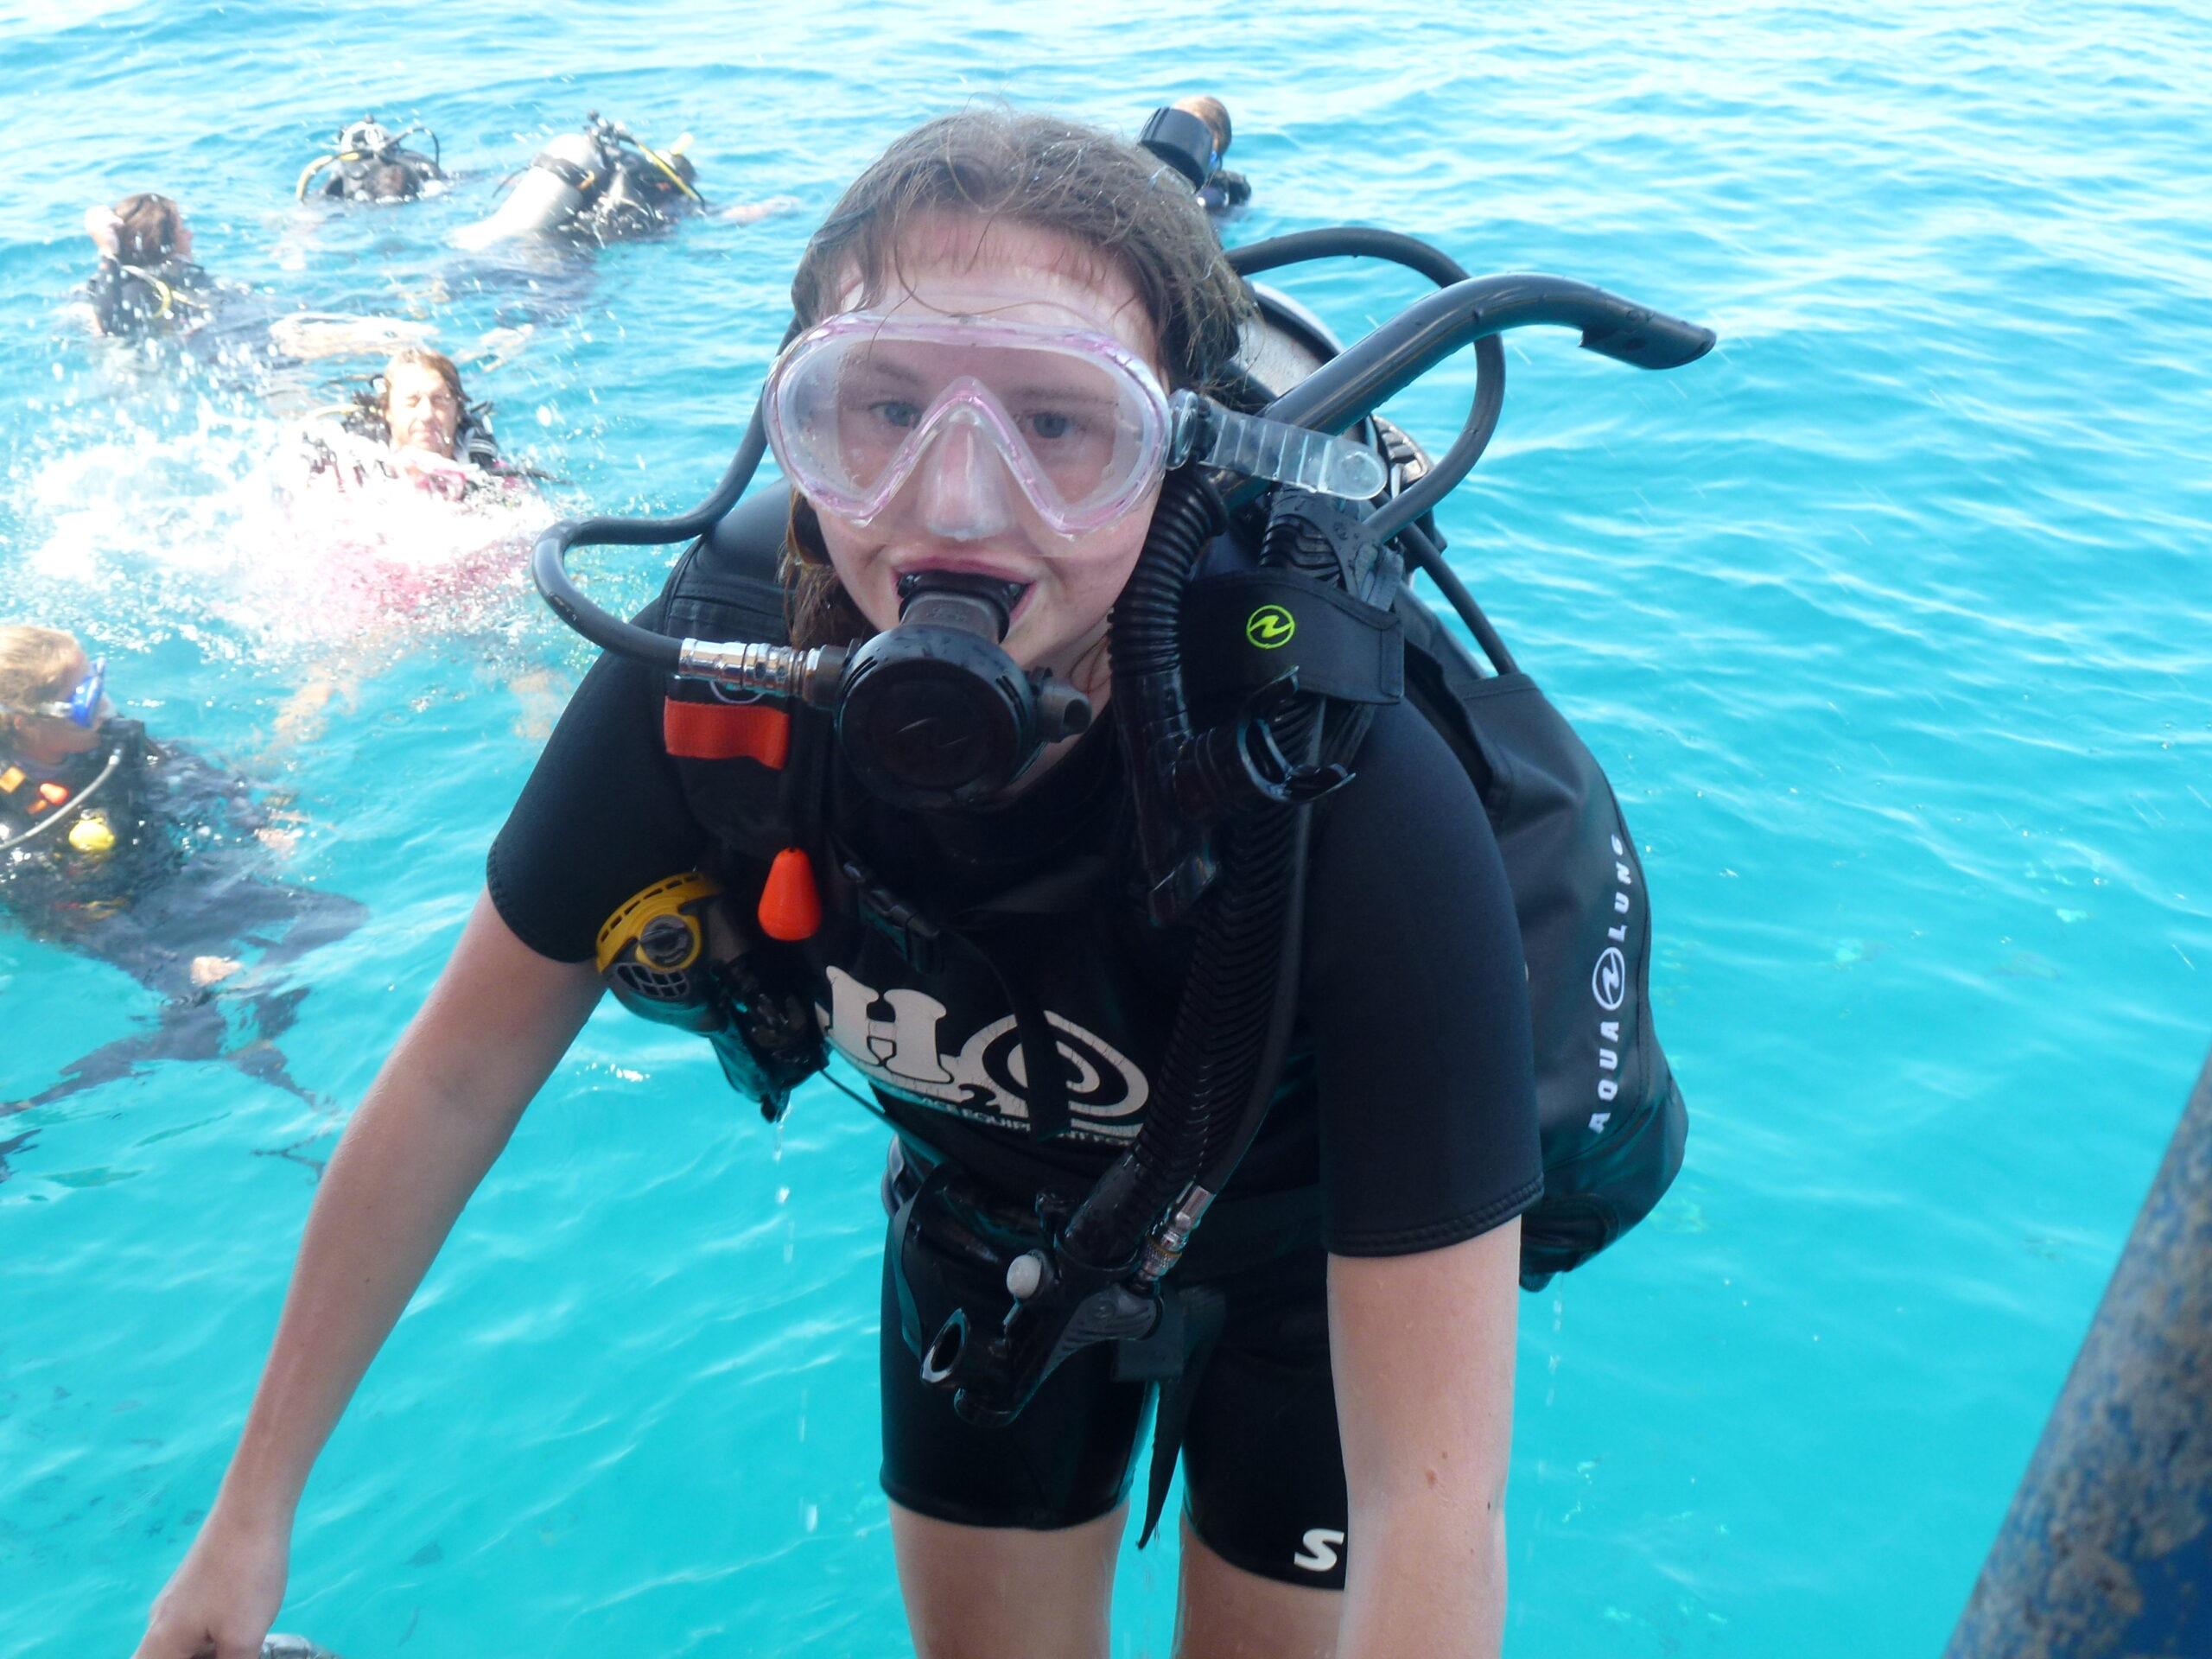 Billede af dreng der dykker